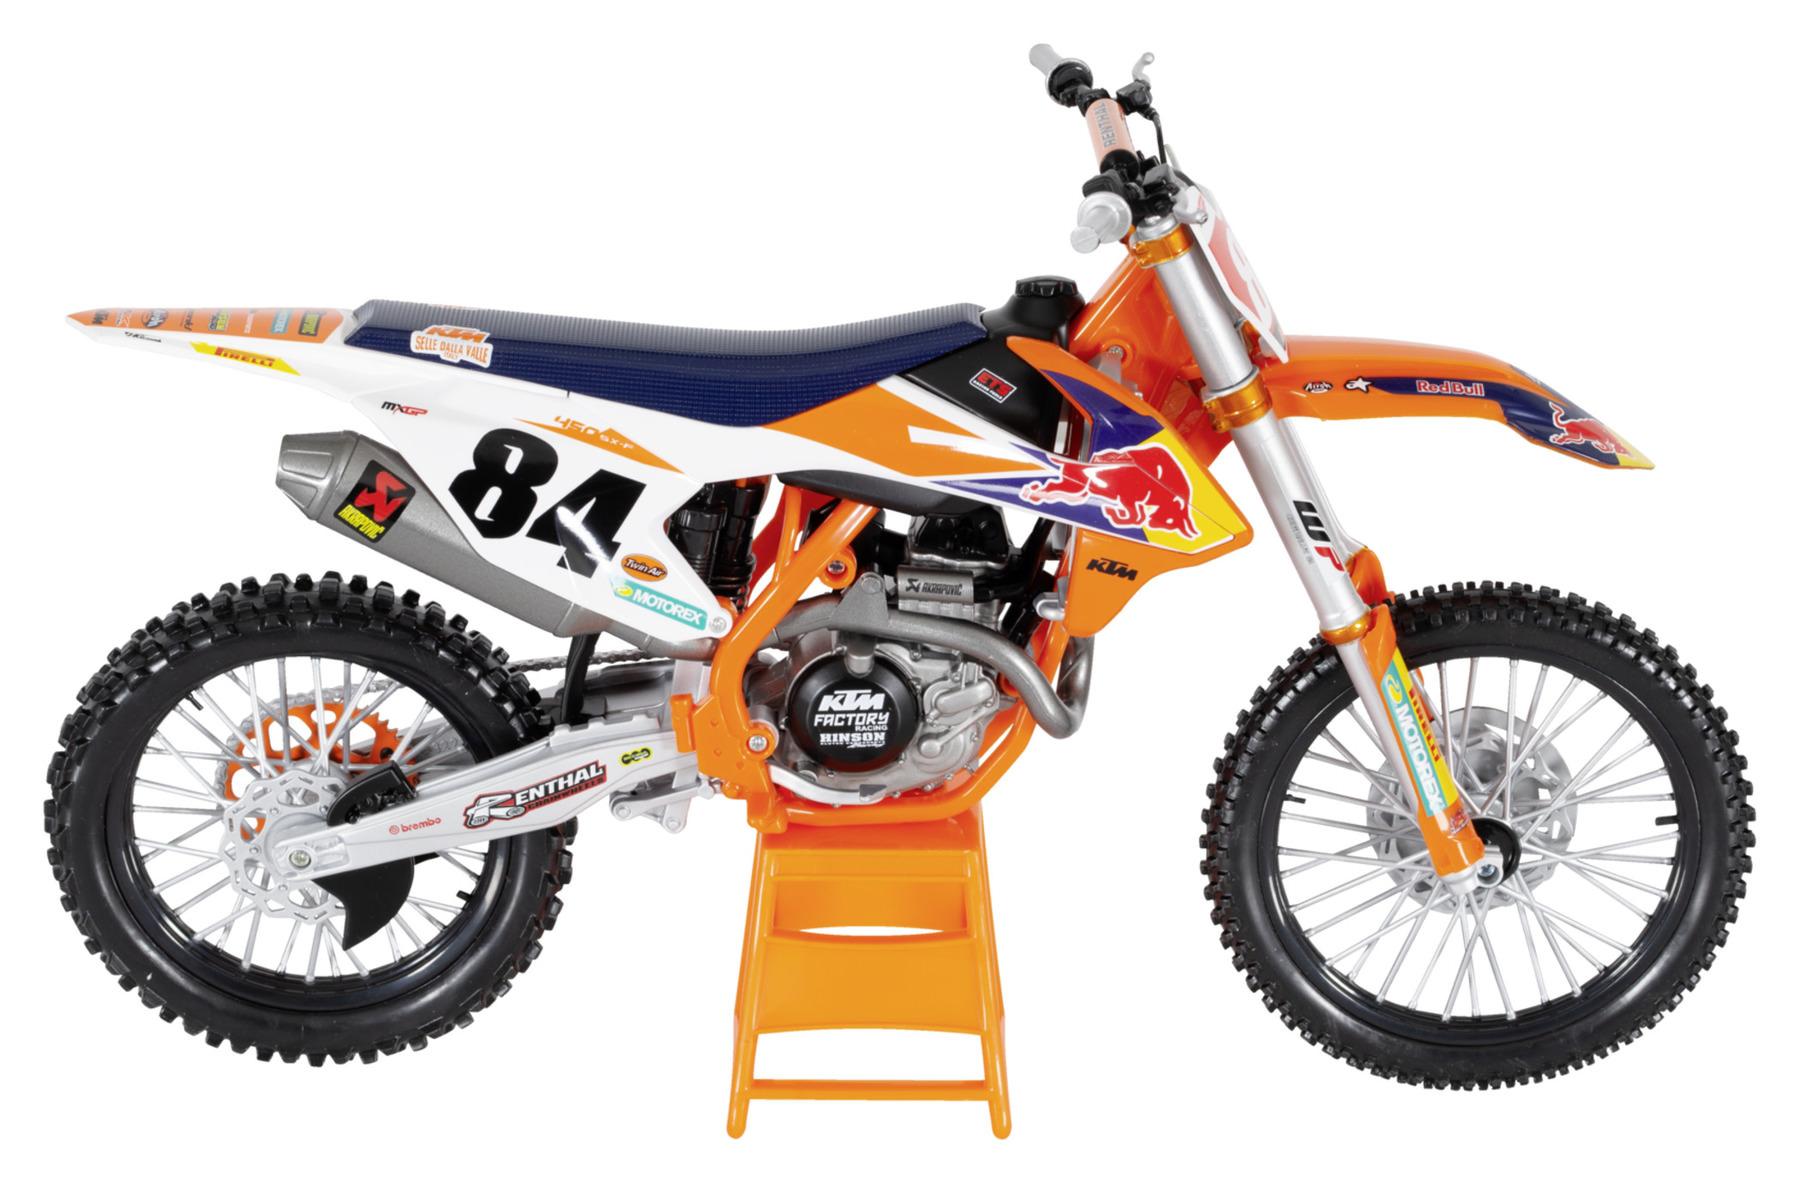 Compra Modellino Ktm Sx F 450 Scala 1 6 Louis Moto Abbigliamento E Attrezzatura Tecnica